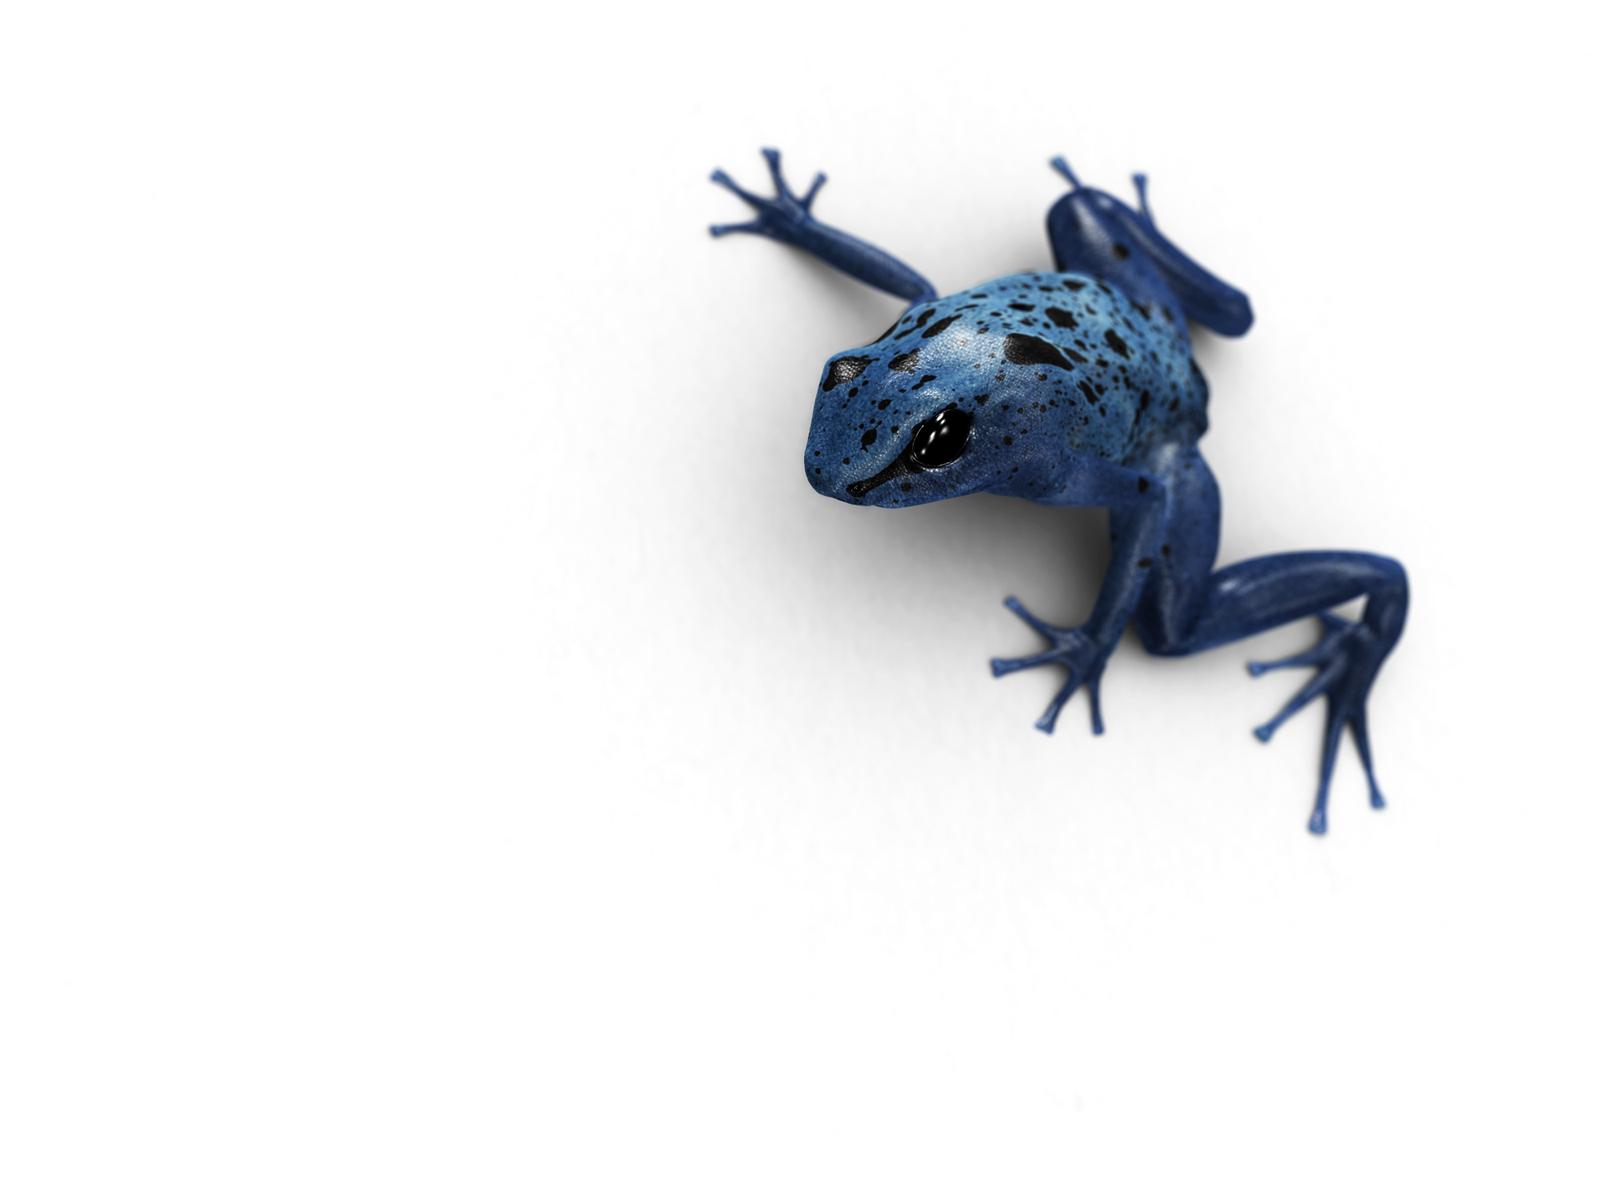 Blue Poison Dart Frog by Uenom on DeviantArt